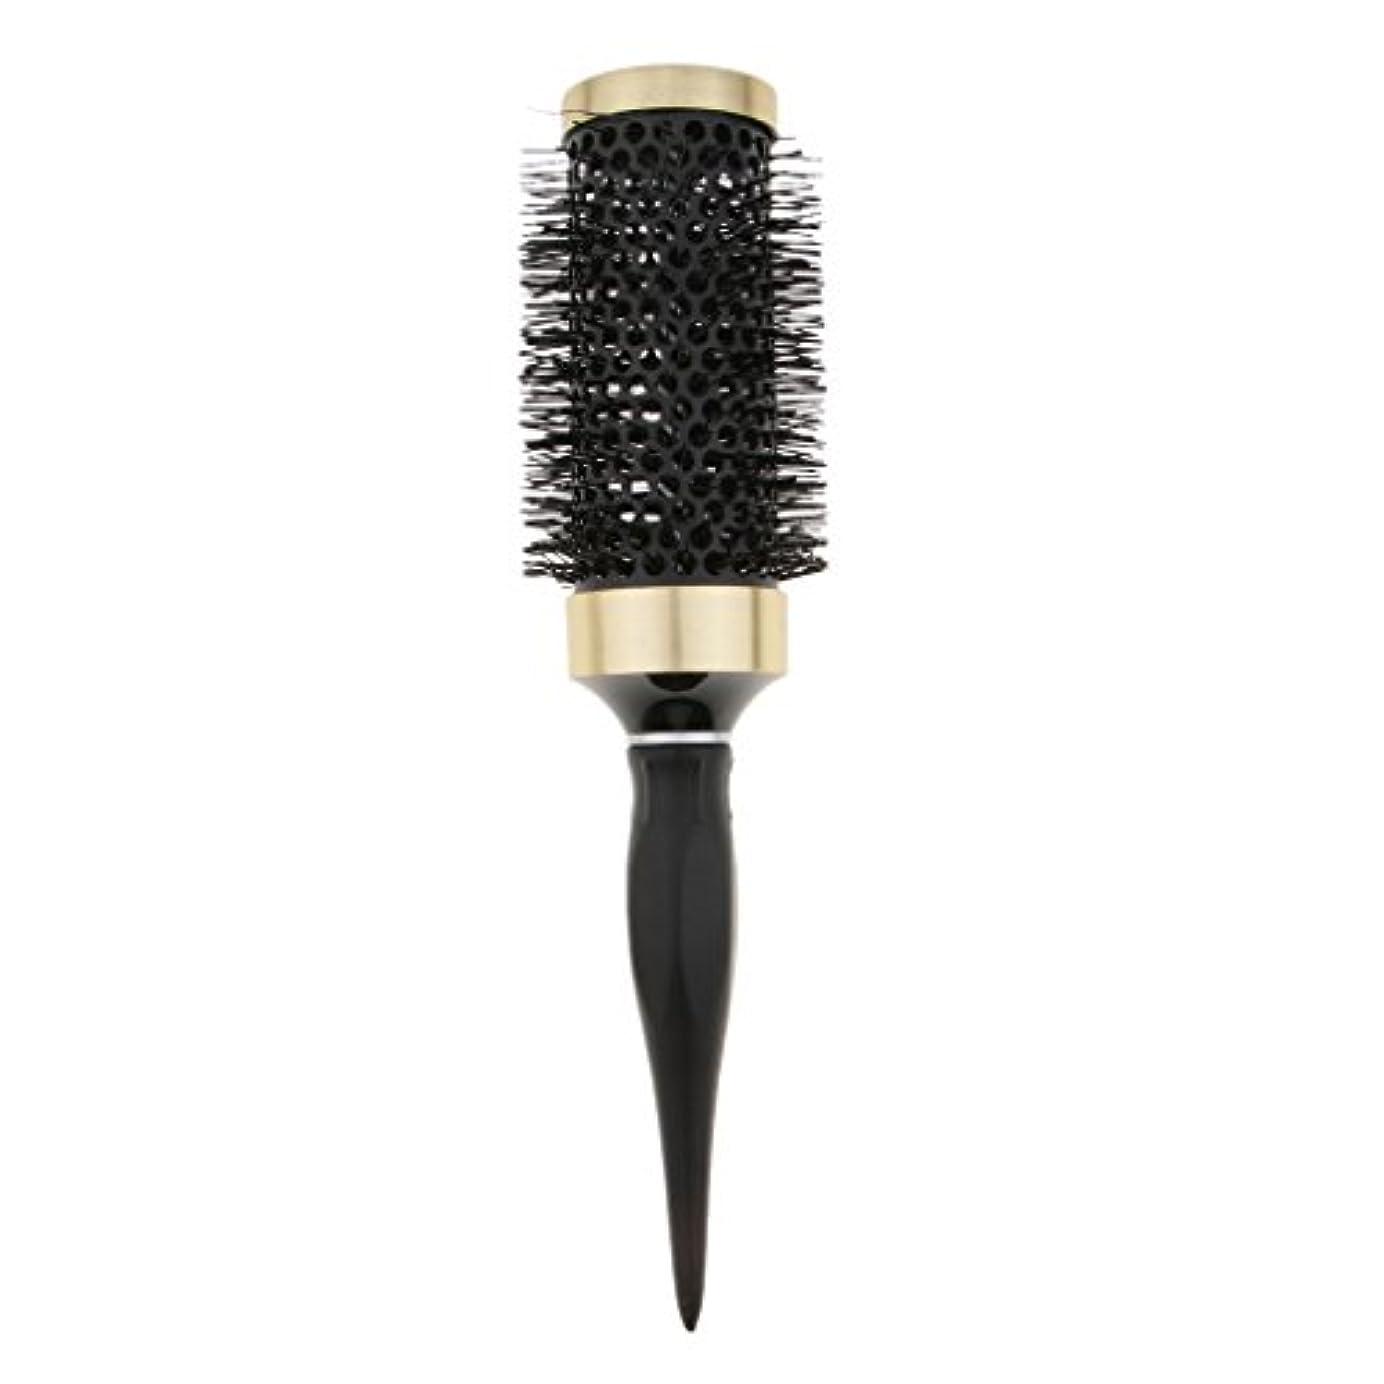 確立しますちょっと待って旋律的ロールブラシ ヘアブラシ ヘアコーム ナイロンブラシ ヘアカラーリング 静電気防止 カール 巻き髪 全5サイズ - 45mm